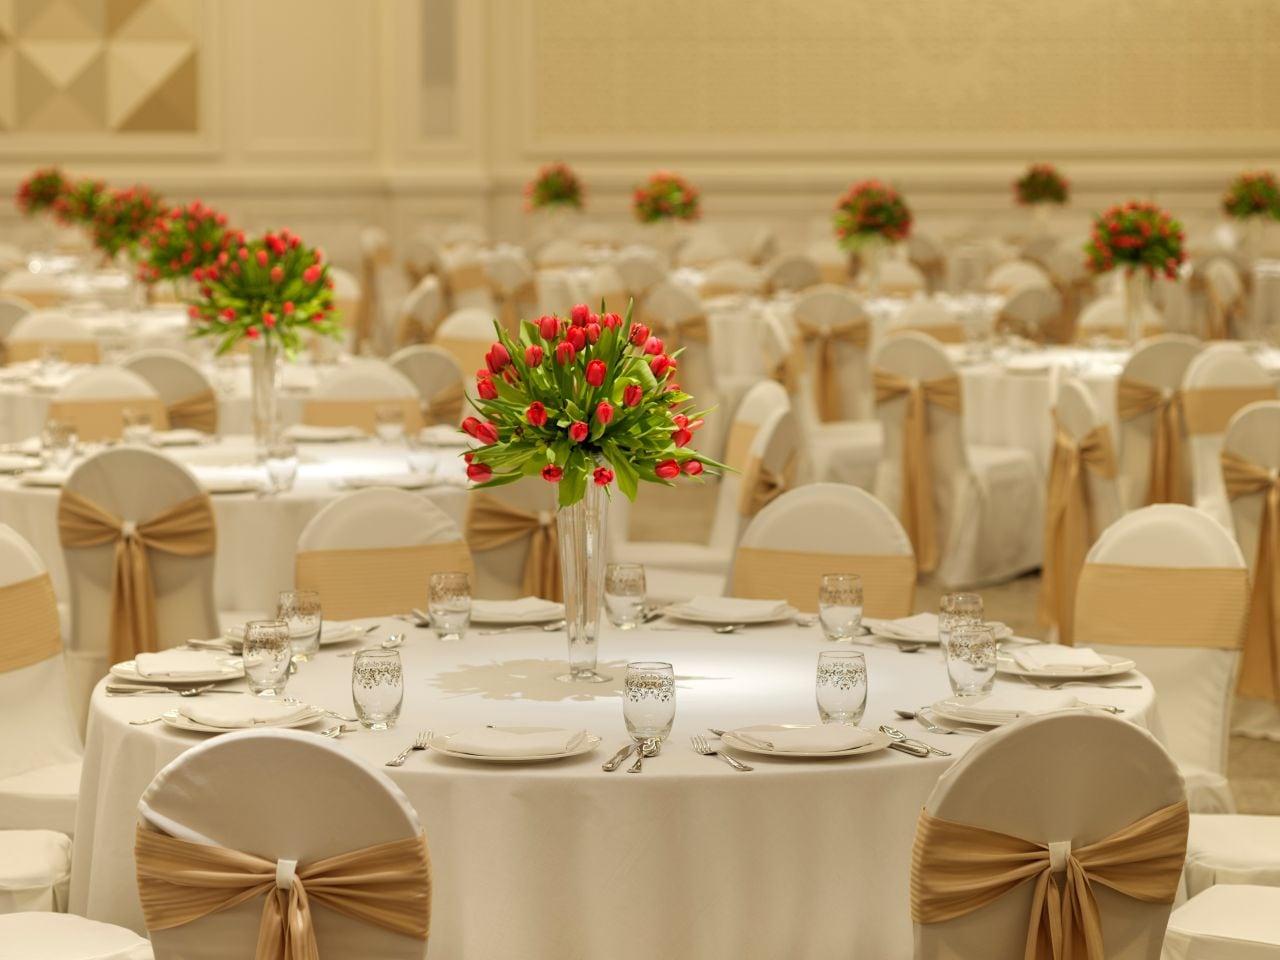 Chrystall ballroom